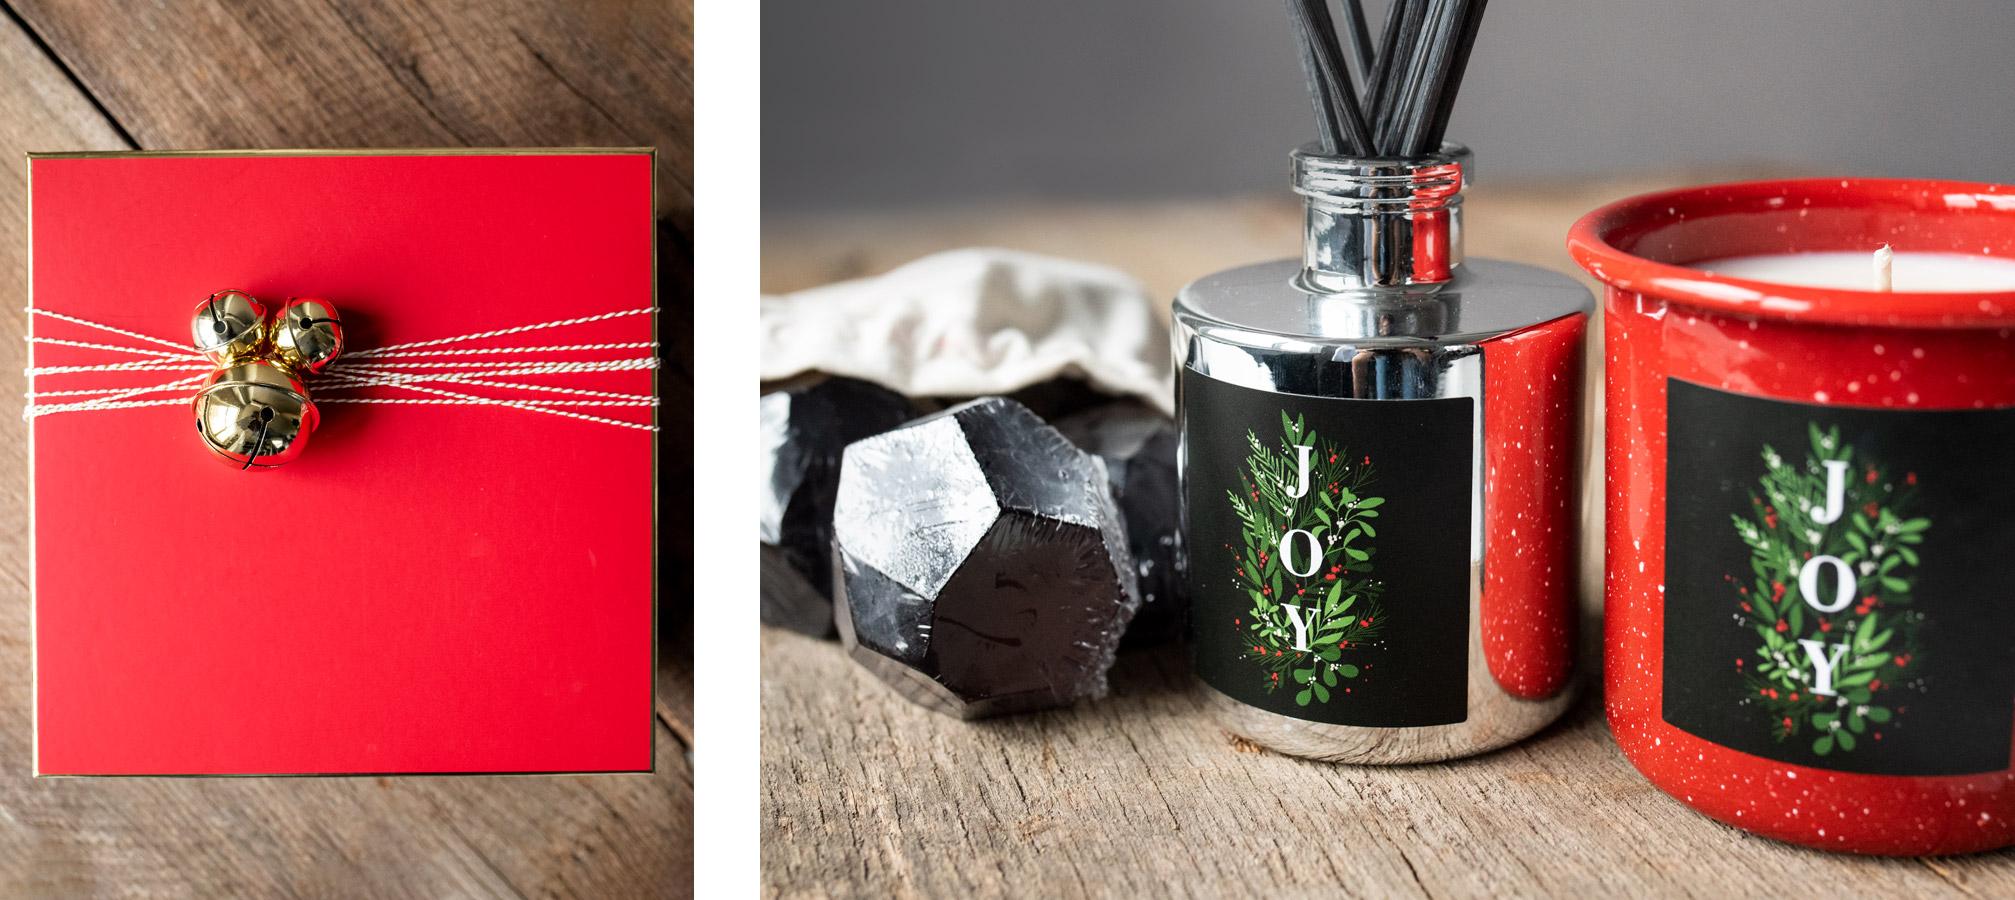 Closeup of holiday gift set